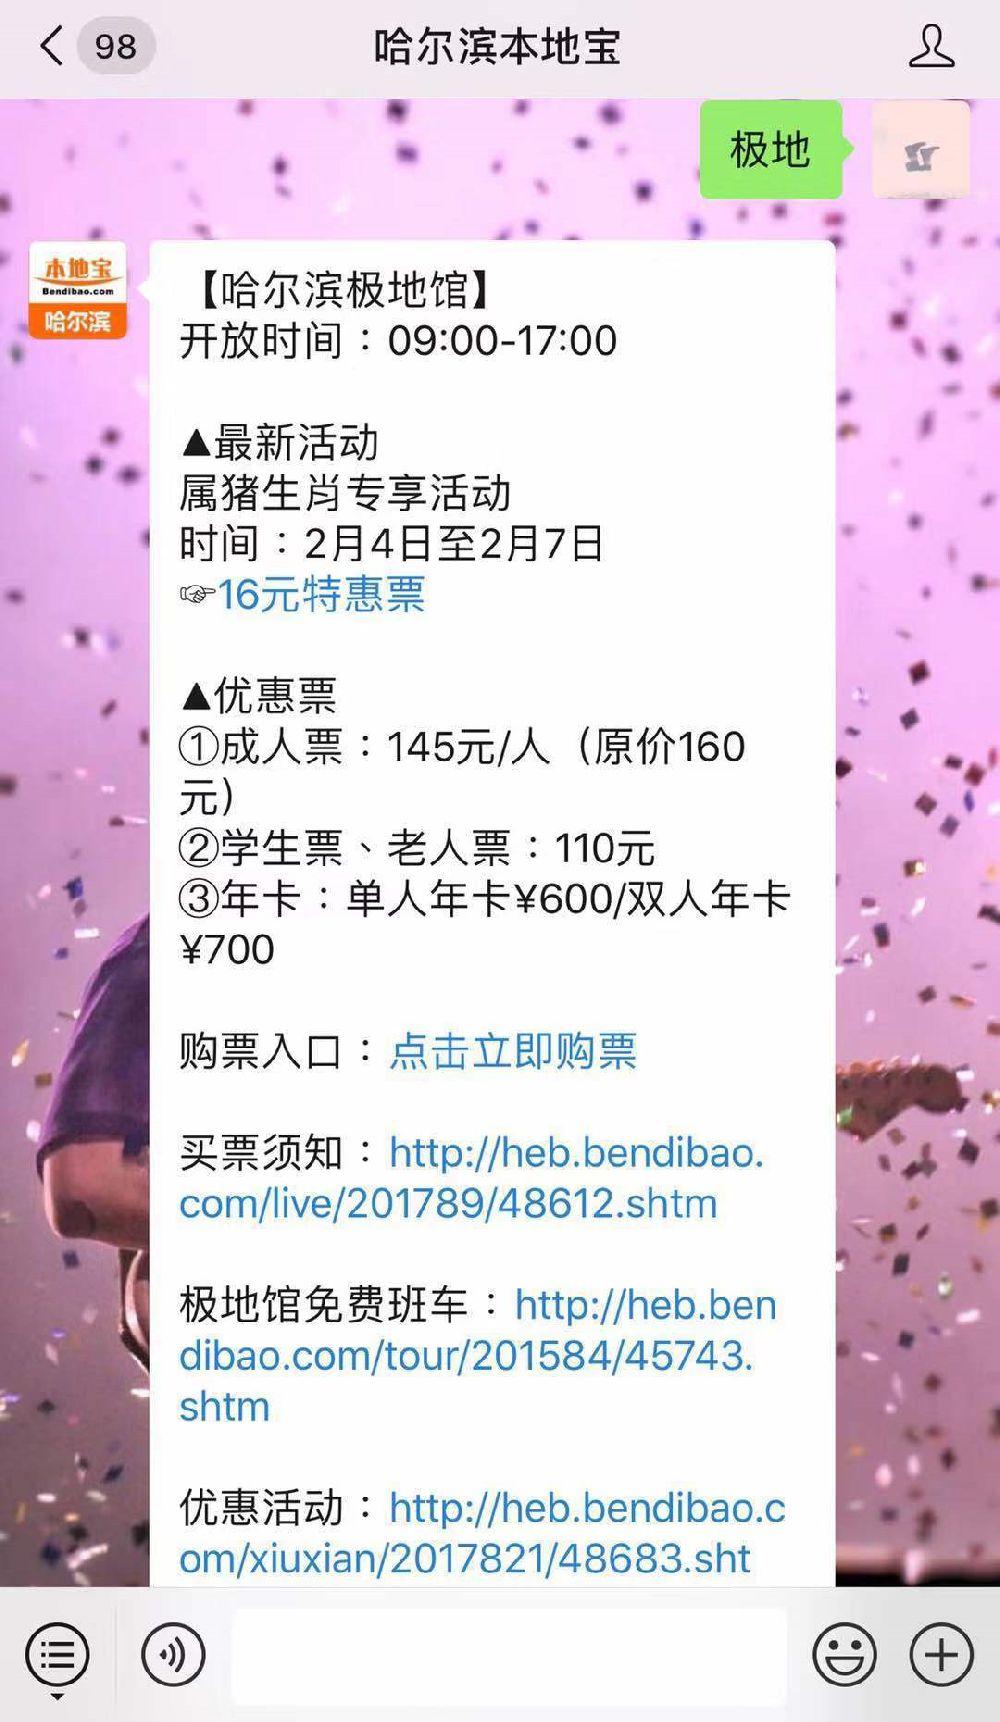 2019哈尔滨春节景区优惠活动汇总(时间 购票入口)